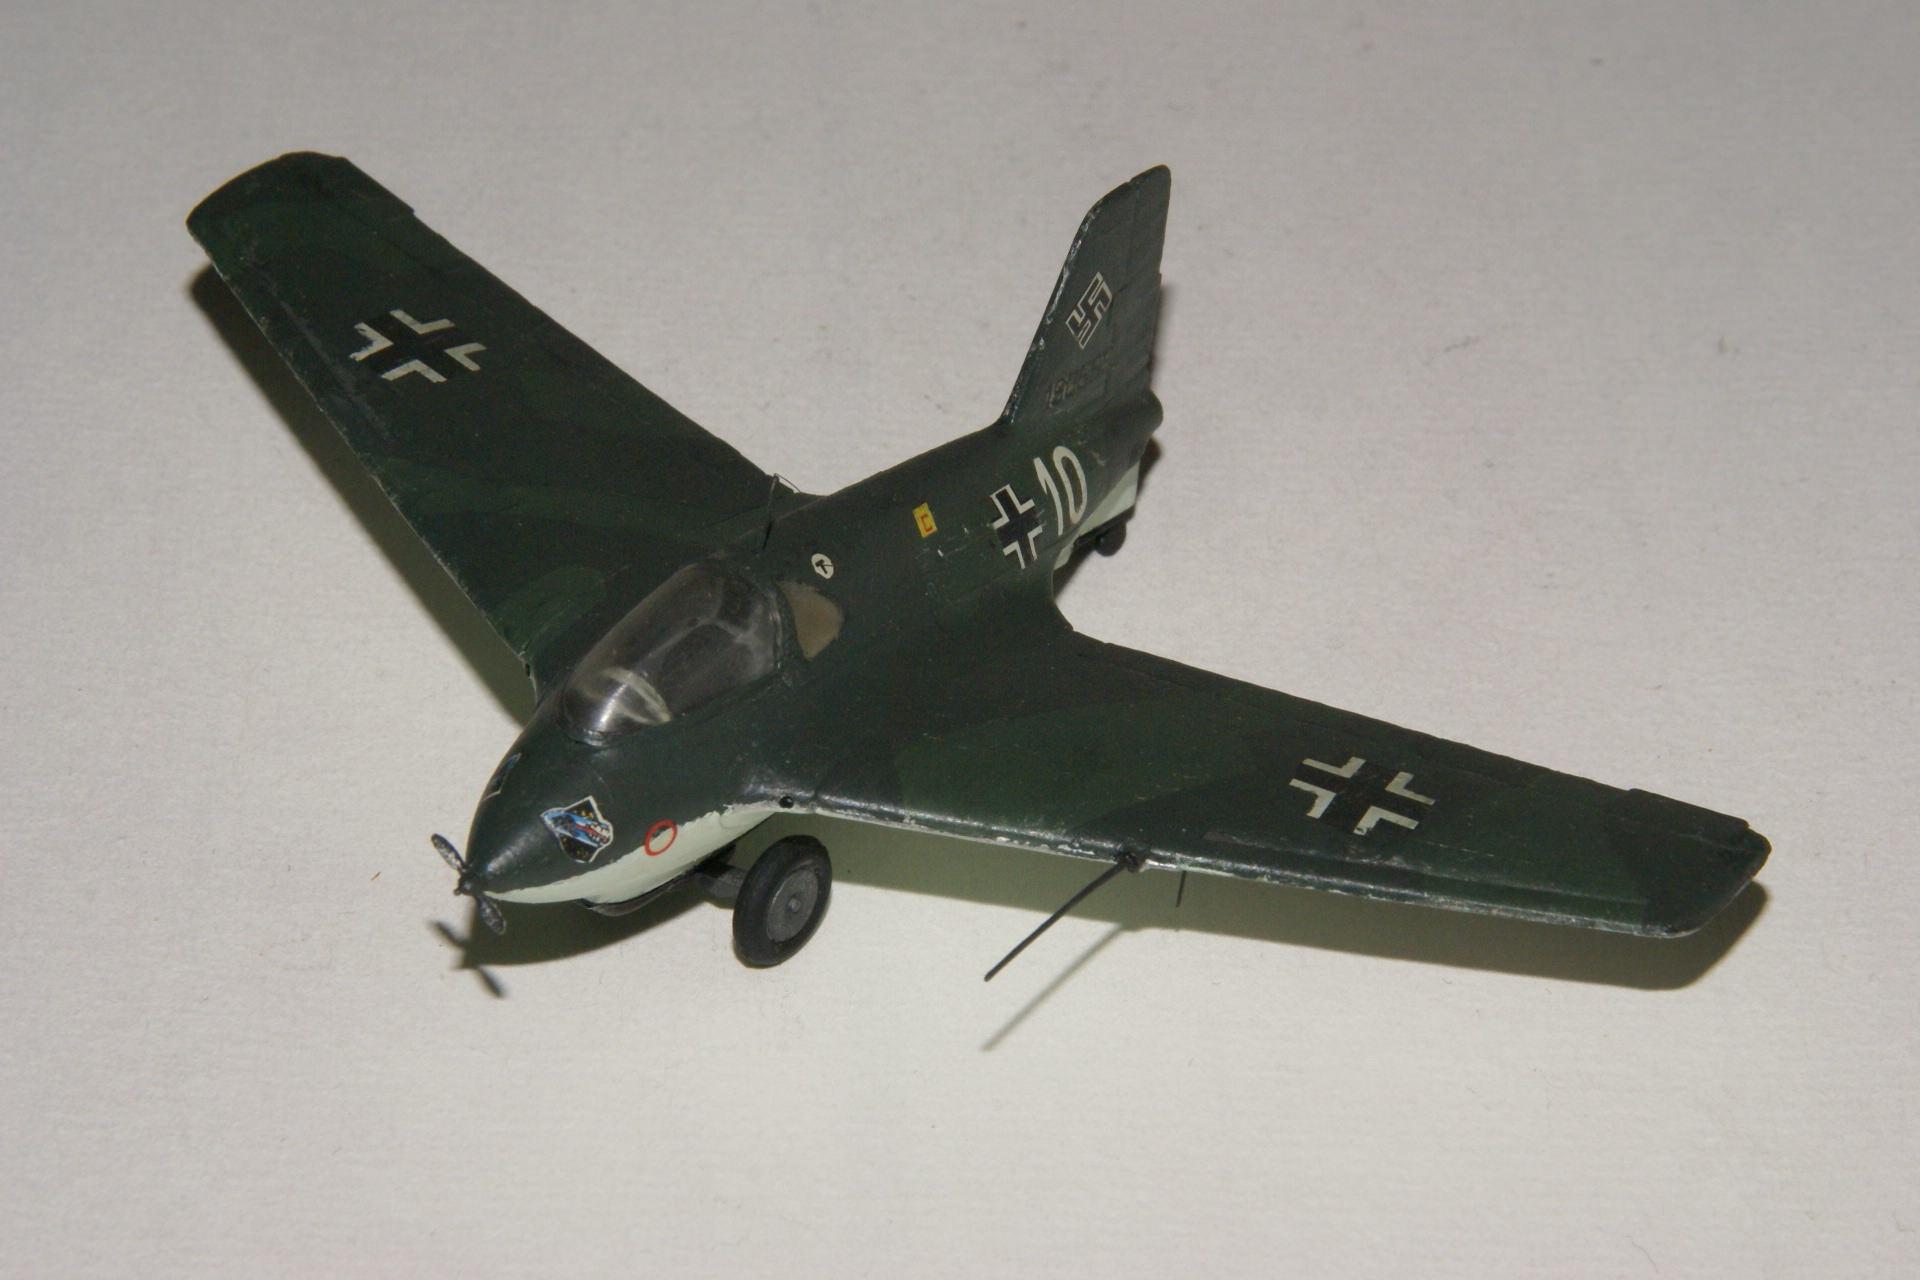 Messerschmitt 163b 1 4